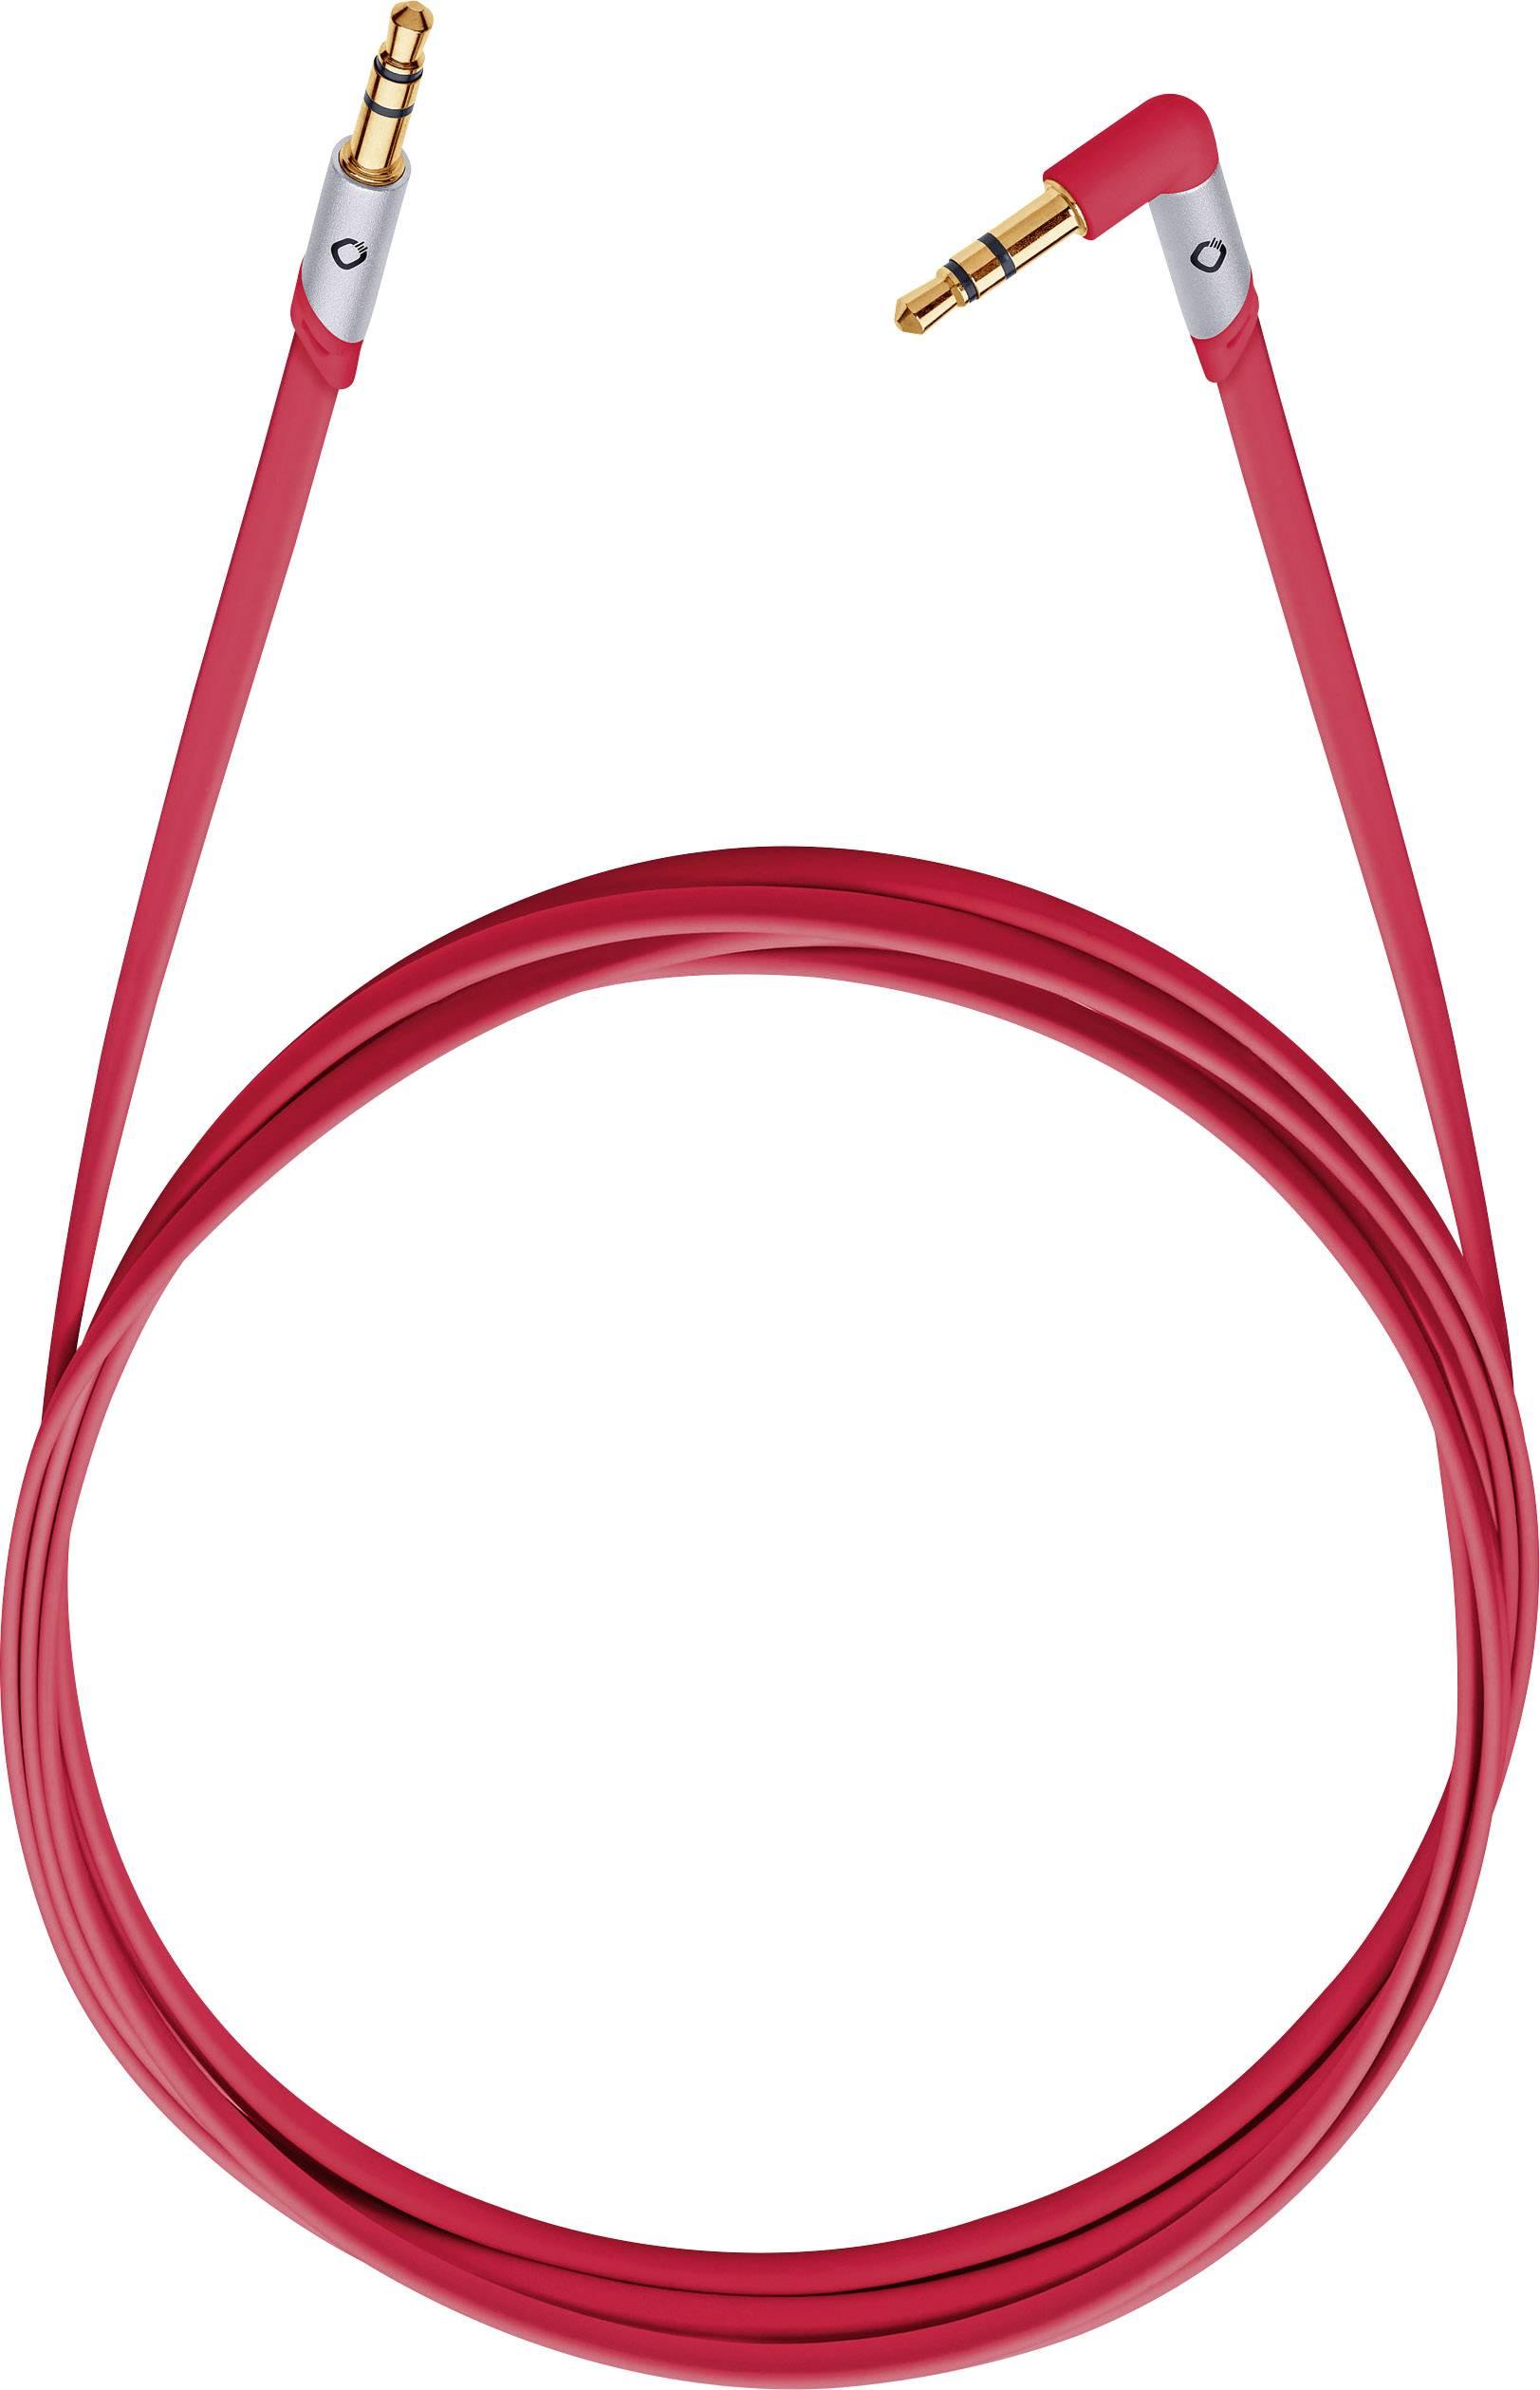 Jack audio prepojovací kábel Oehlbach iJack 35 35005, 1.50 m, červená